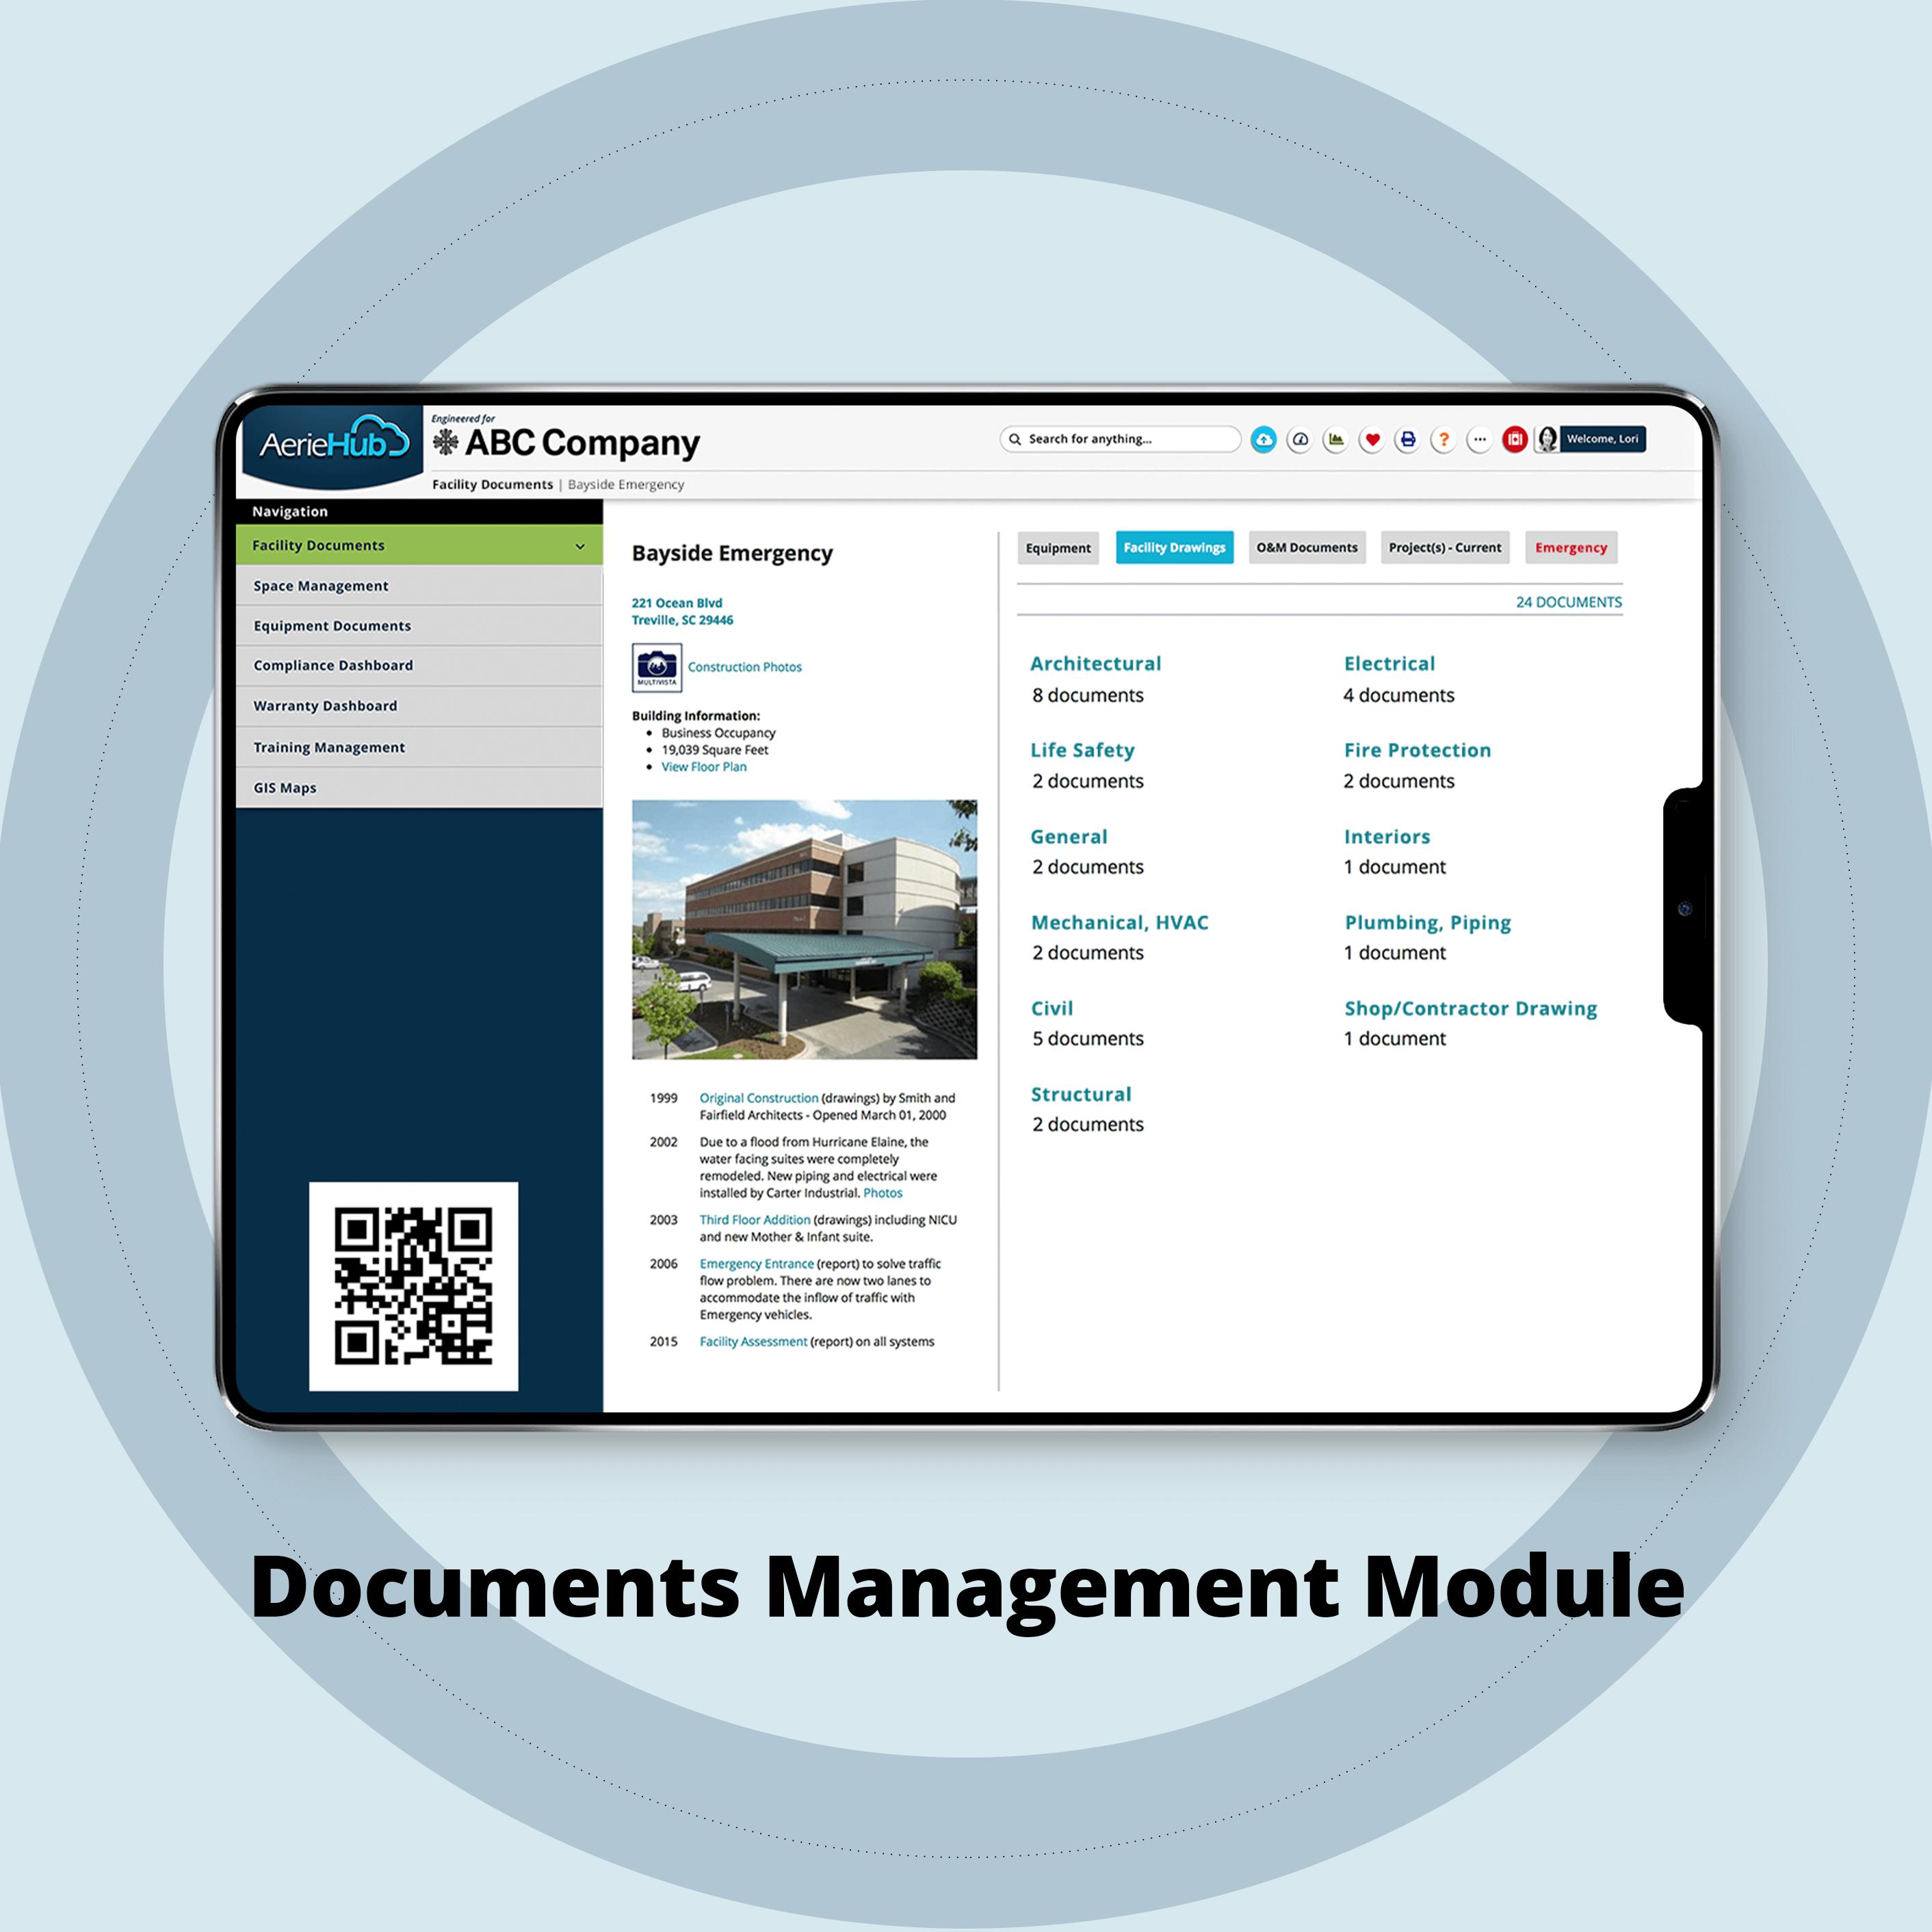 Documents Management Module